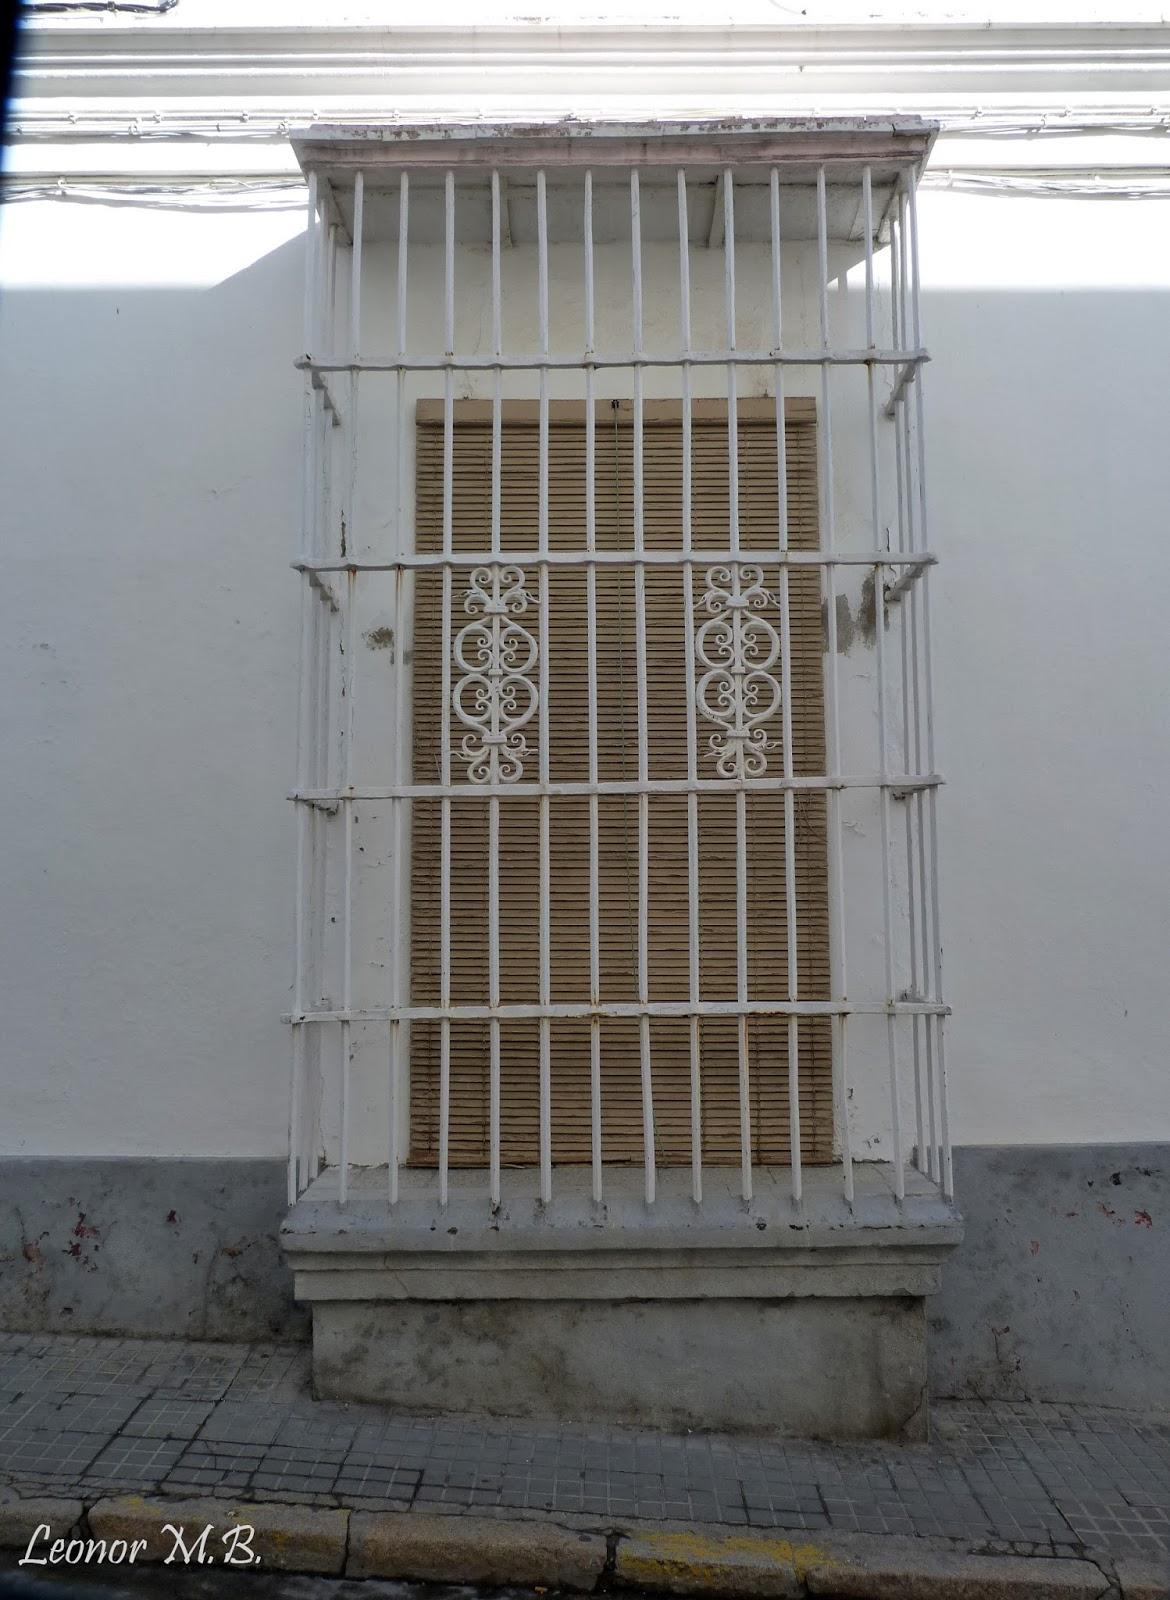 San fernando ayer y hoy y otras historias calle lezo for Casa granada tirso de molina